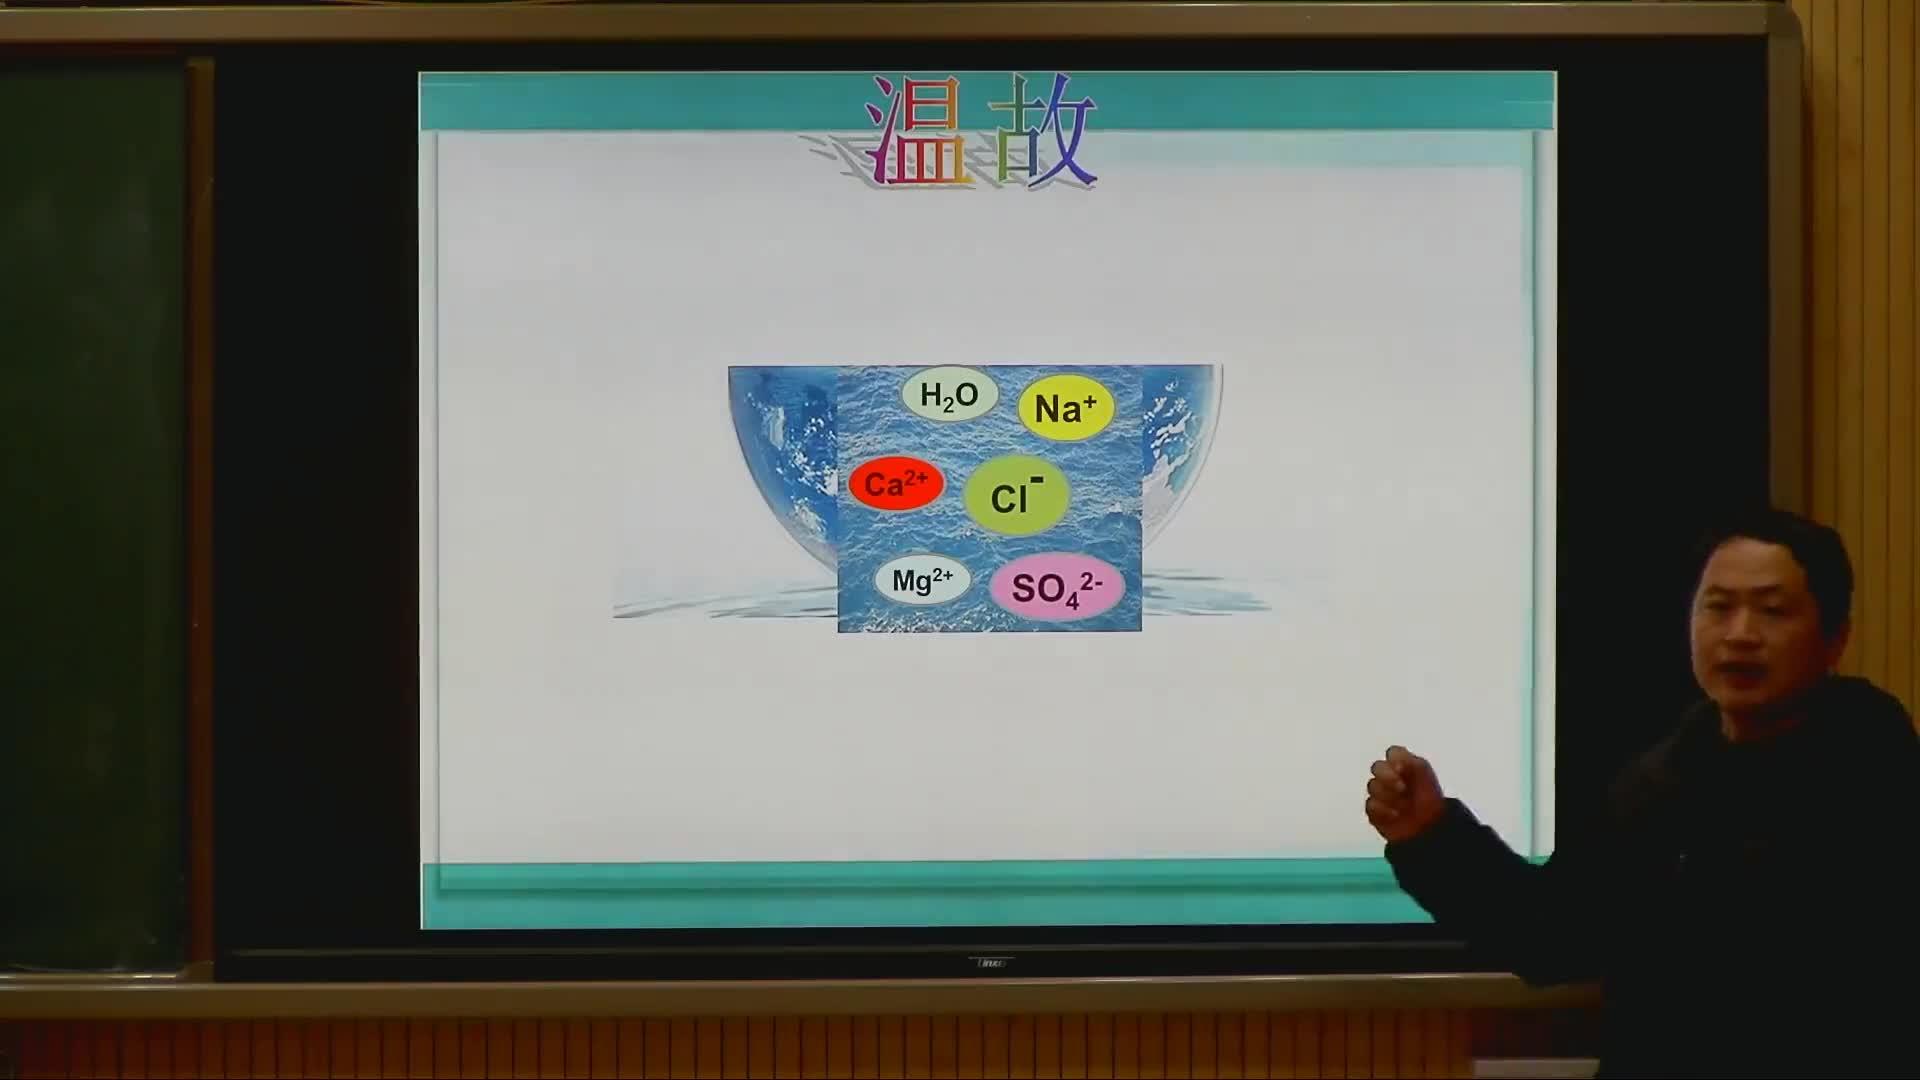 魯教版(五四制)九年級化學 第三單元 物質的提純-課堂實錄